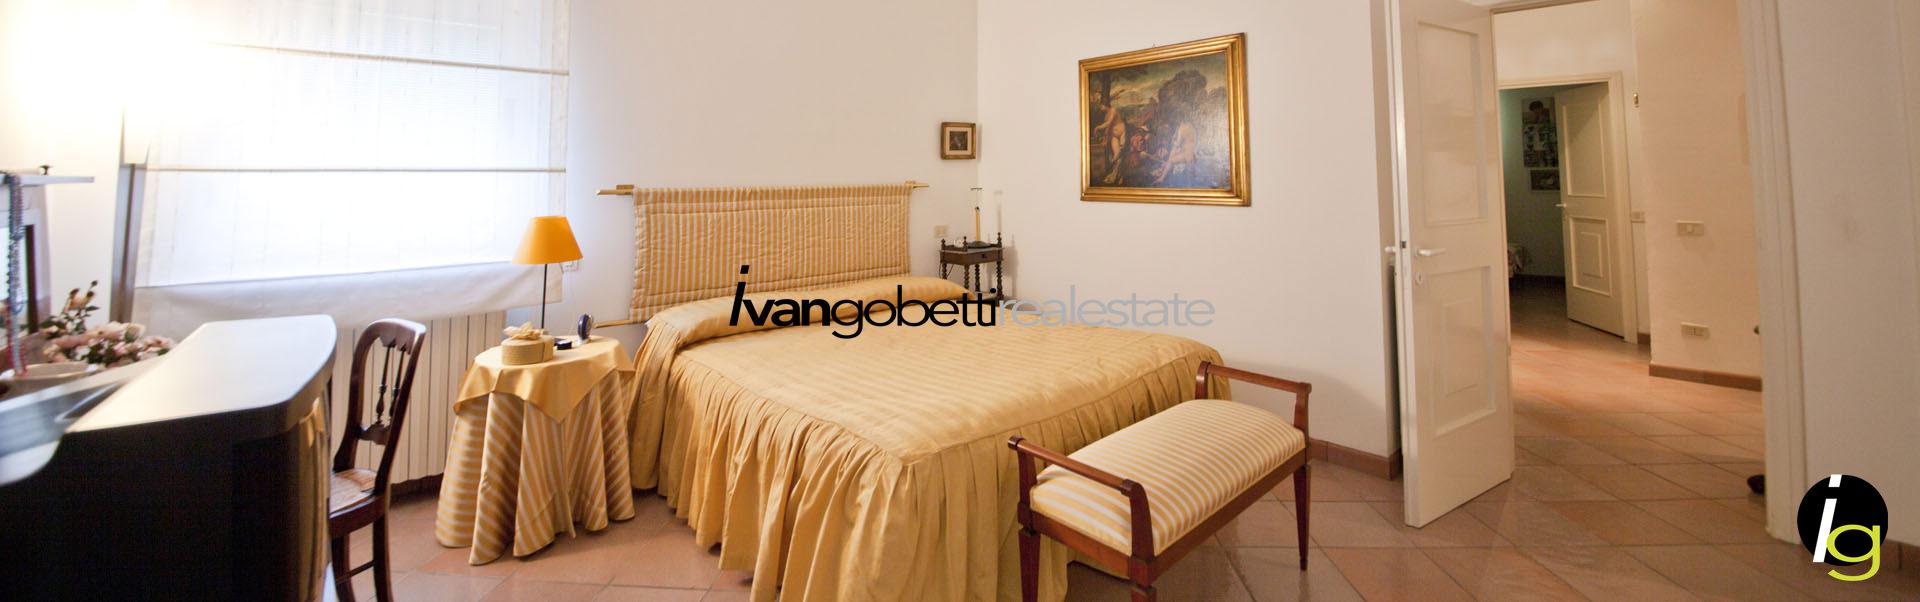 Appartamento con vista Lago Maggiore